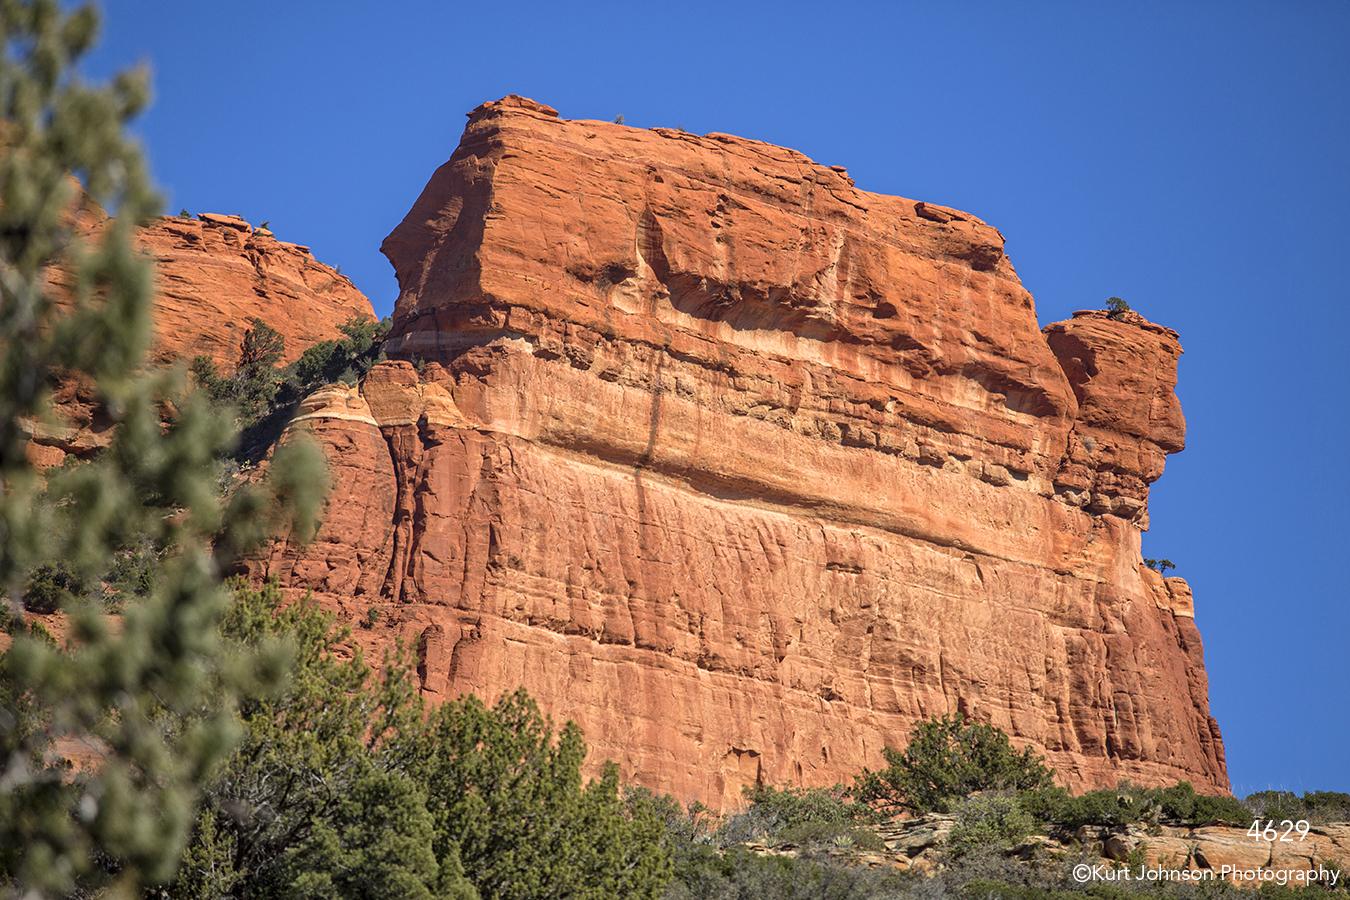 southwest cliffs rocks desert trees green orange